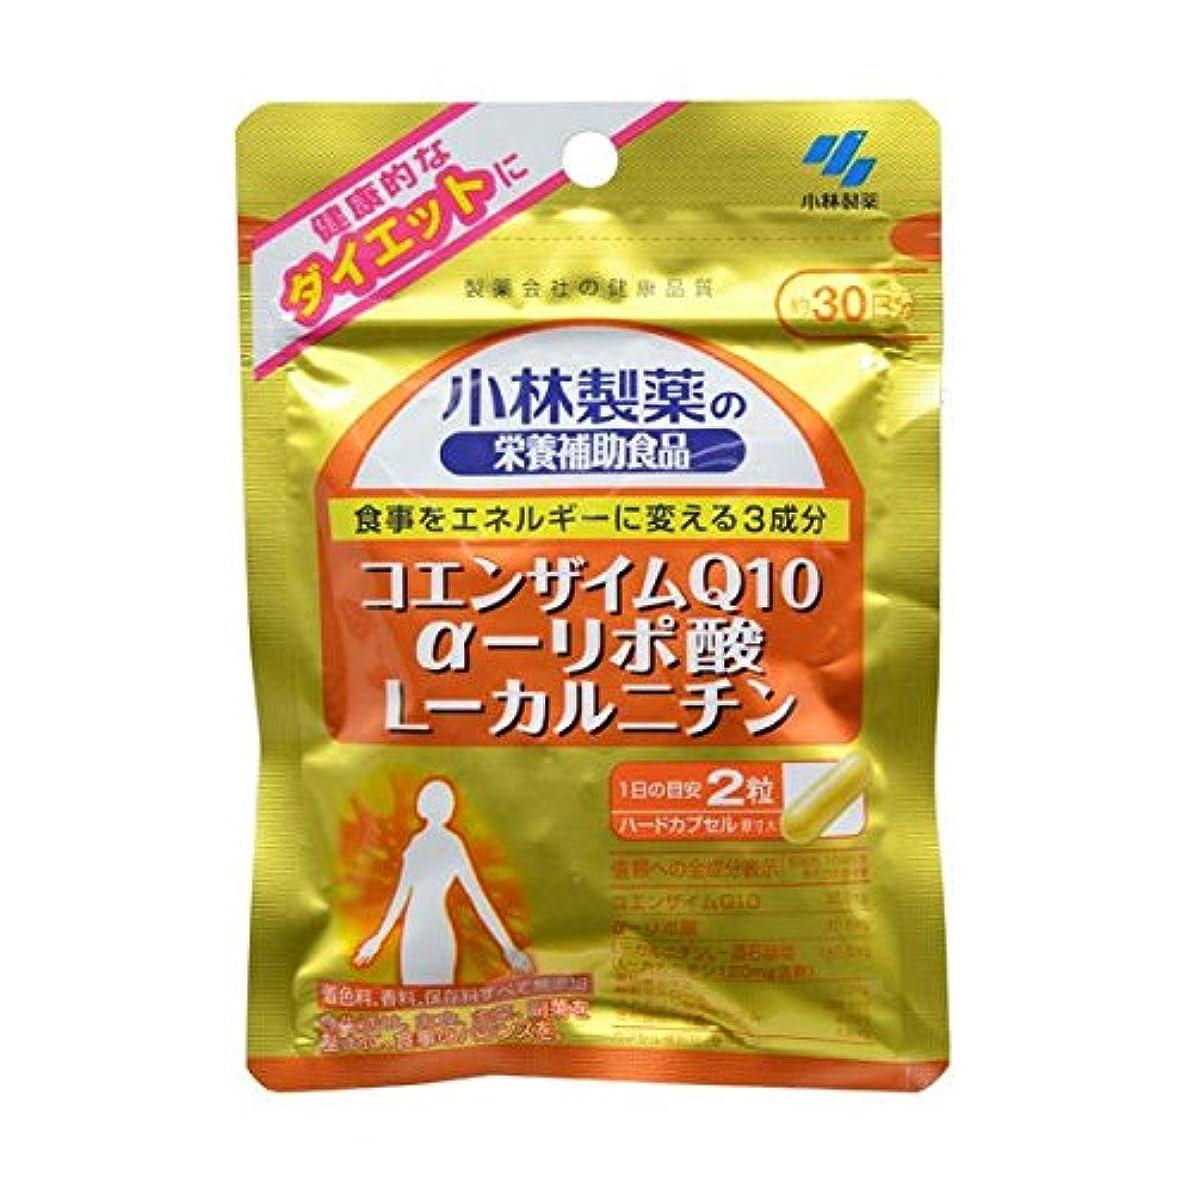 複製広々としたこねる小林製薬 小林製薬の栄養補助食品コエンザイムQ10α-リポ酸L-カルニチン60粒×2